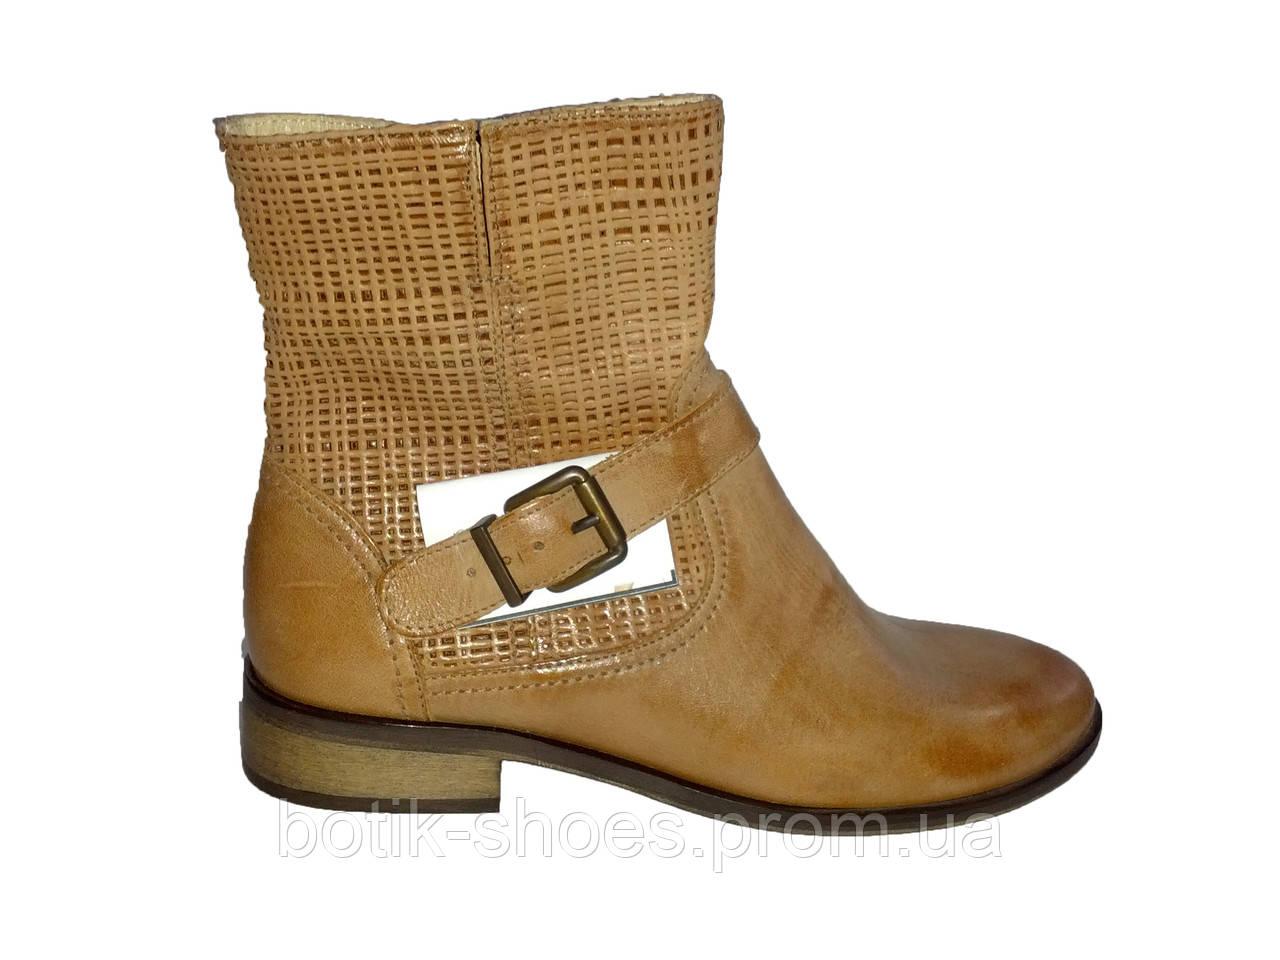 ddf65f516 Кожаные демисезонные польские женские удобные стильные полусапожки на  устойчивом каблуке Kati